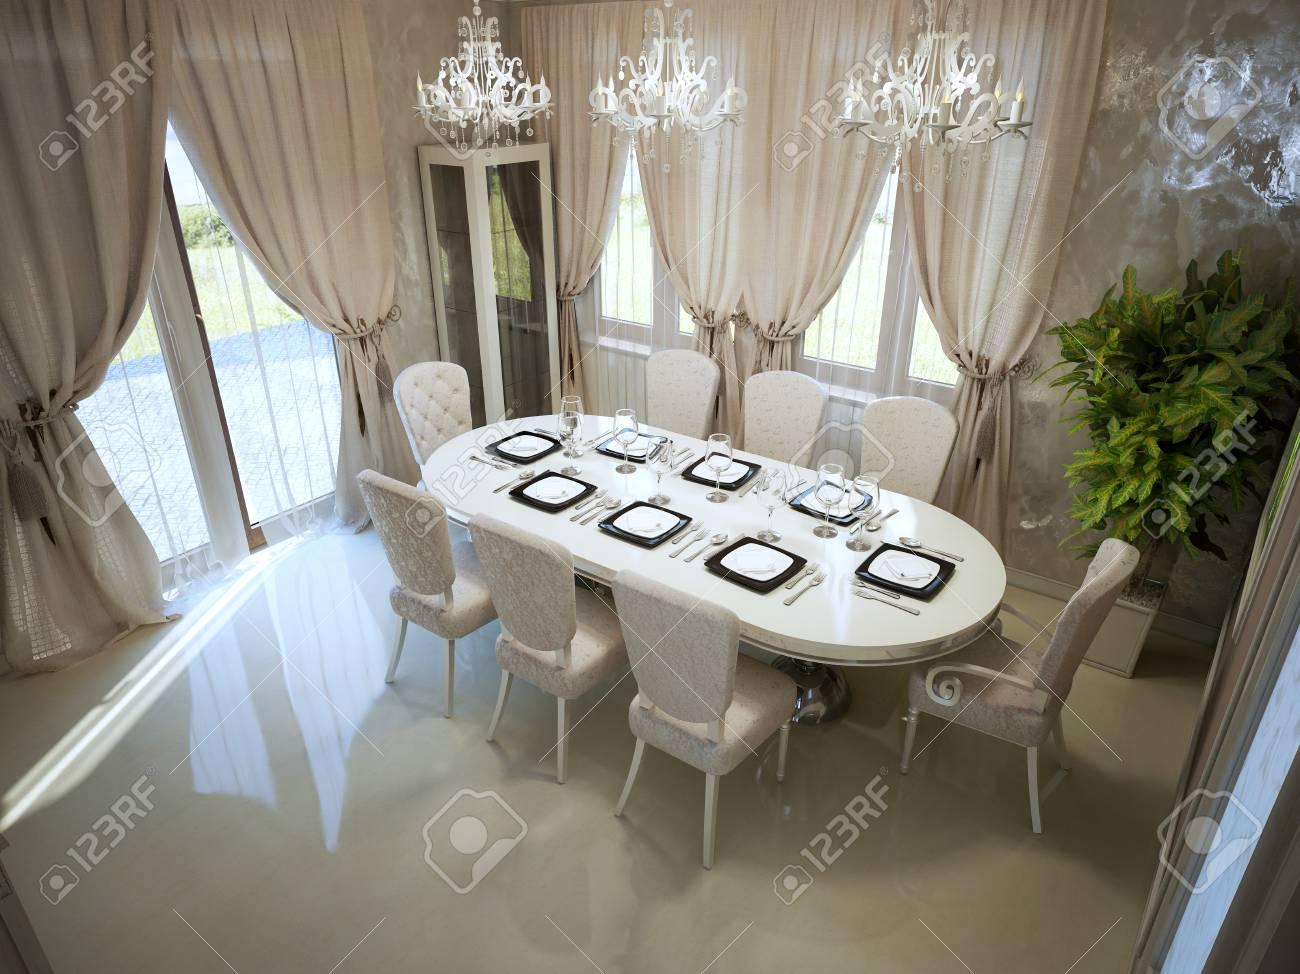 Mesa de comedor grande en la habitación spacy estilo moderno tendencia.  Muebles blancos, cortinas color crema, vista panorámica. Render 3D